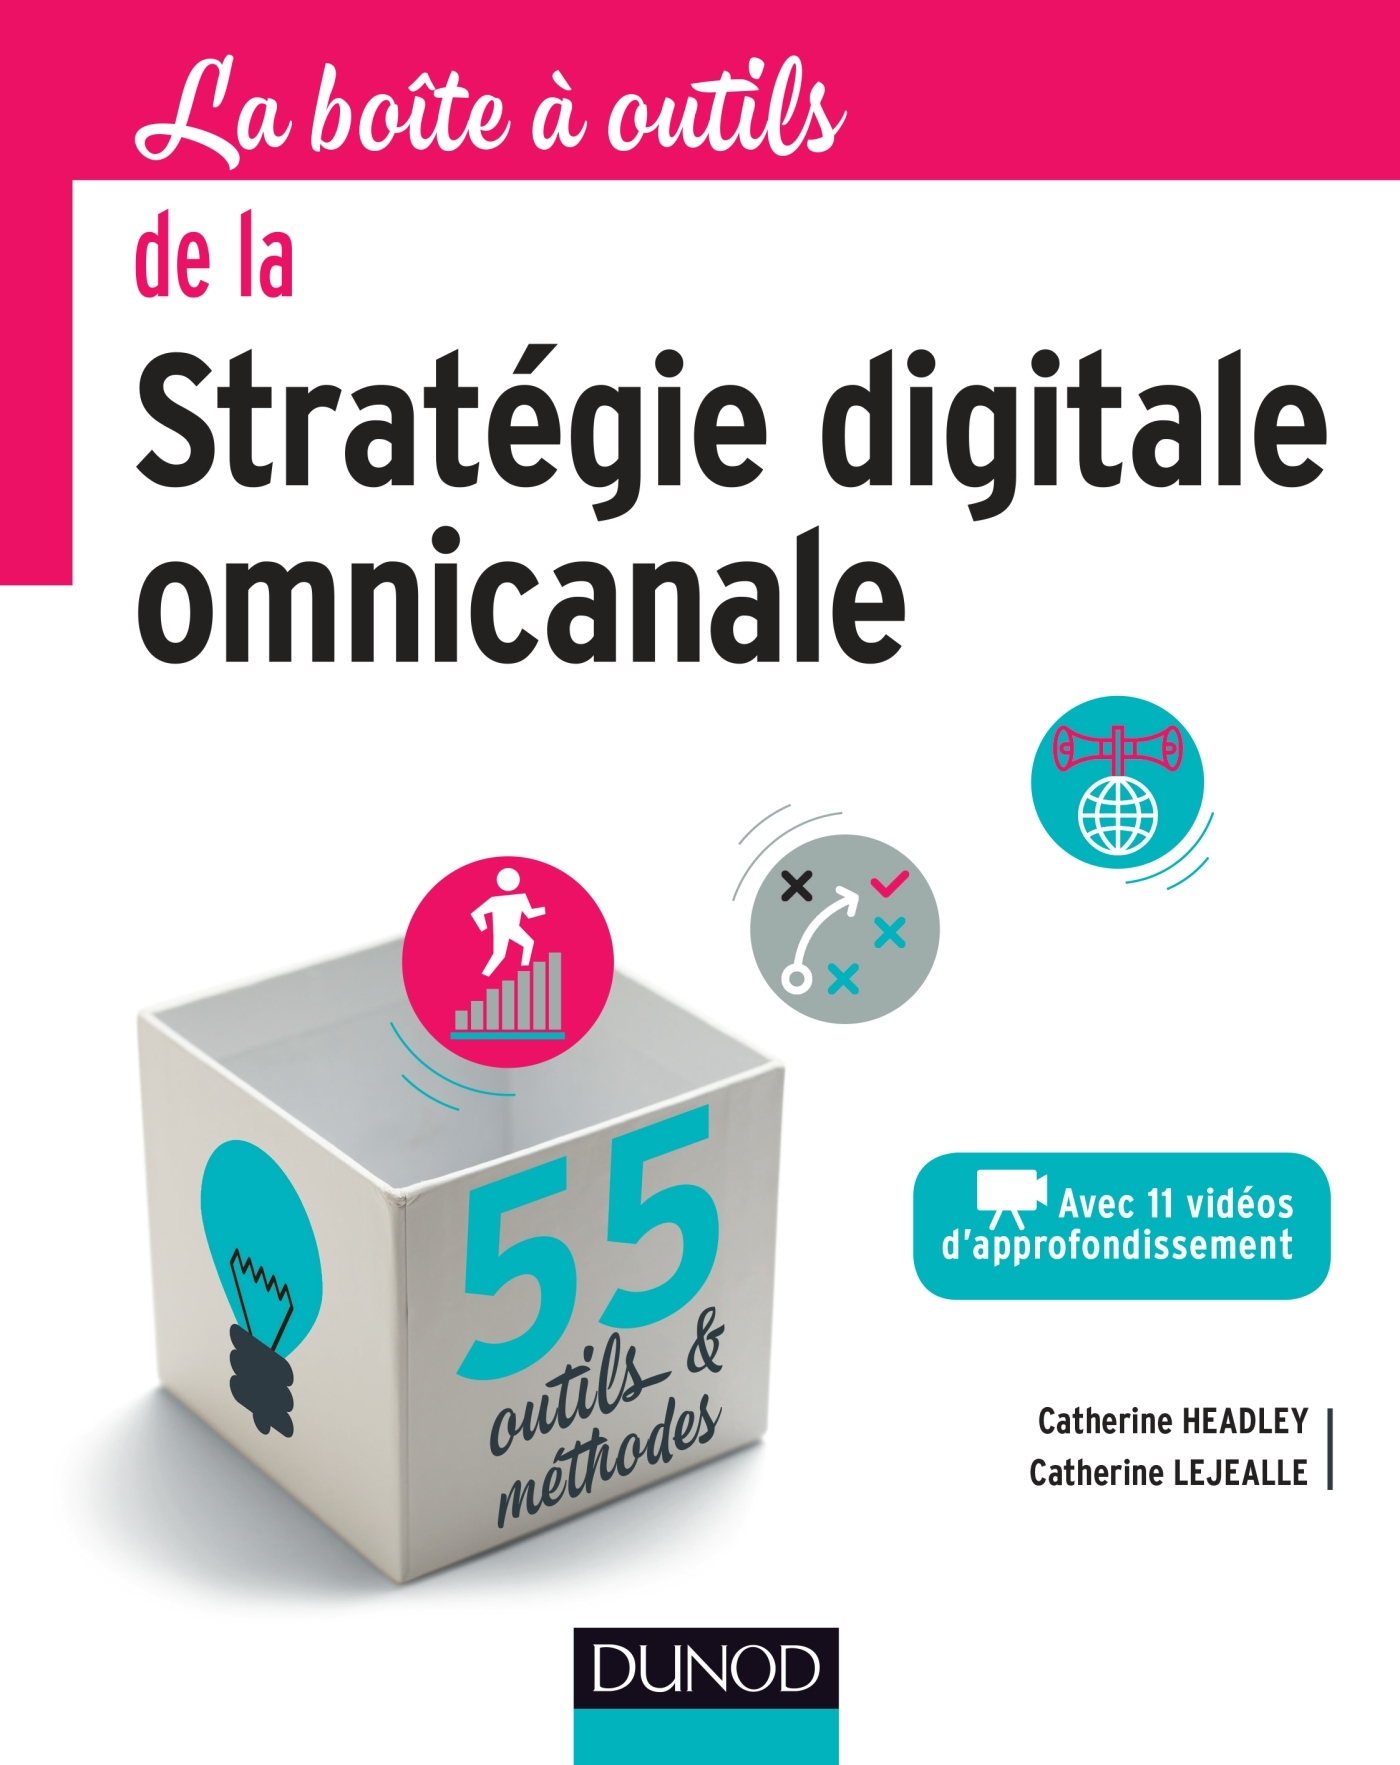 LA BOITE A OUTILS DE LA STRATEGIE DIGITALE OMNICANALE - 55 OUTILS ET METHODES